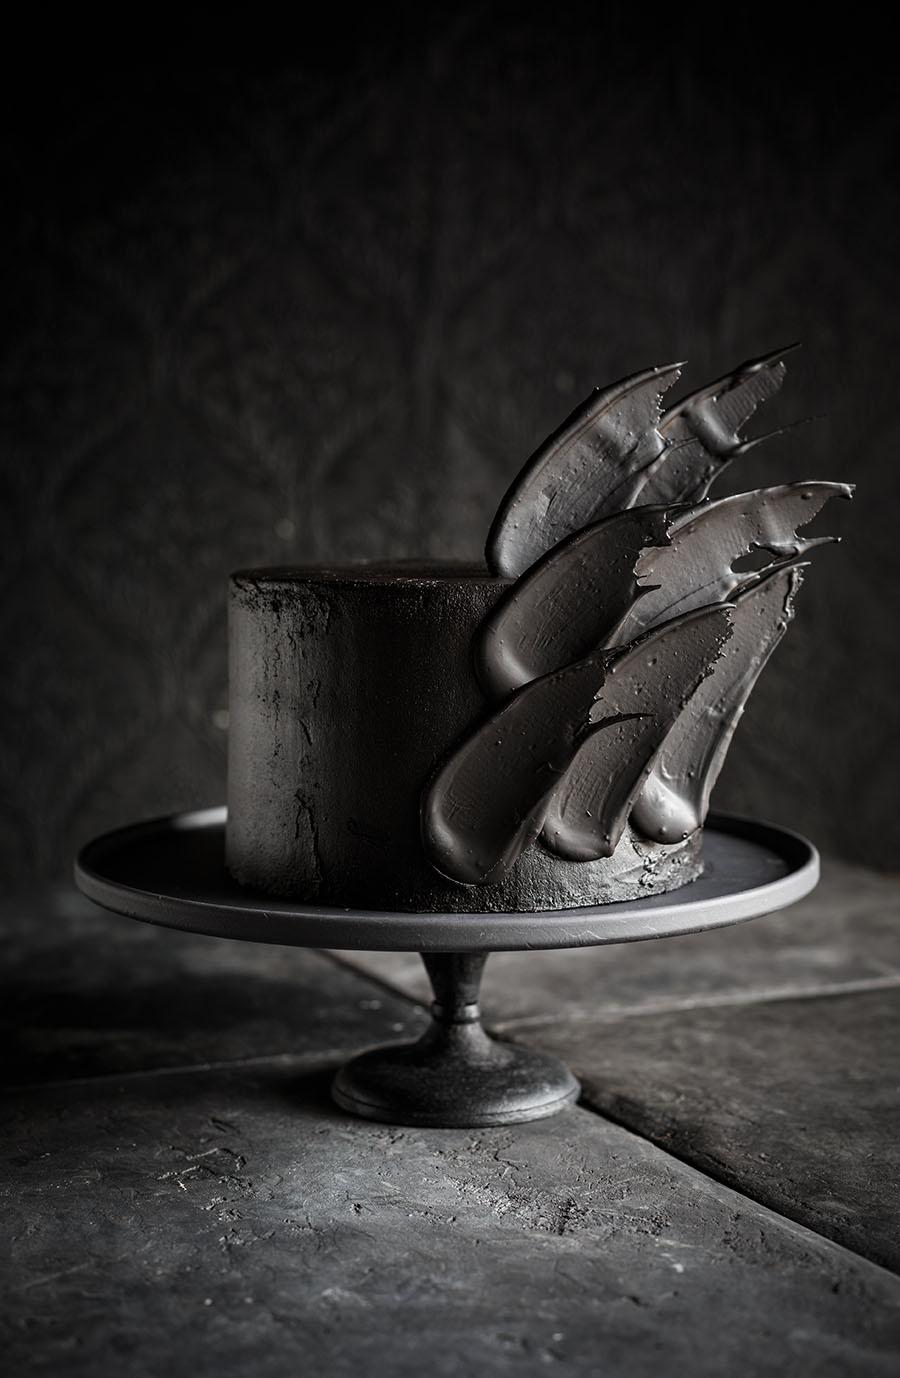 Black Brushstroke cake with layers of black velvet sponge, burnt vanilla buttercream and chocolate brushstrokes